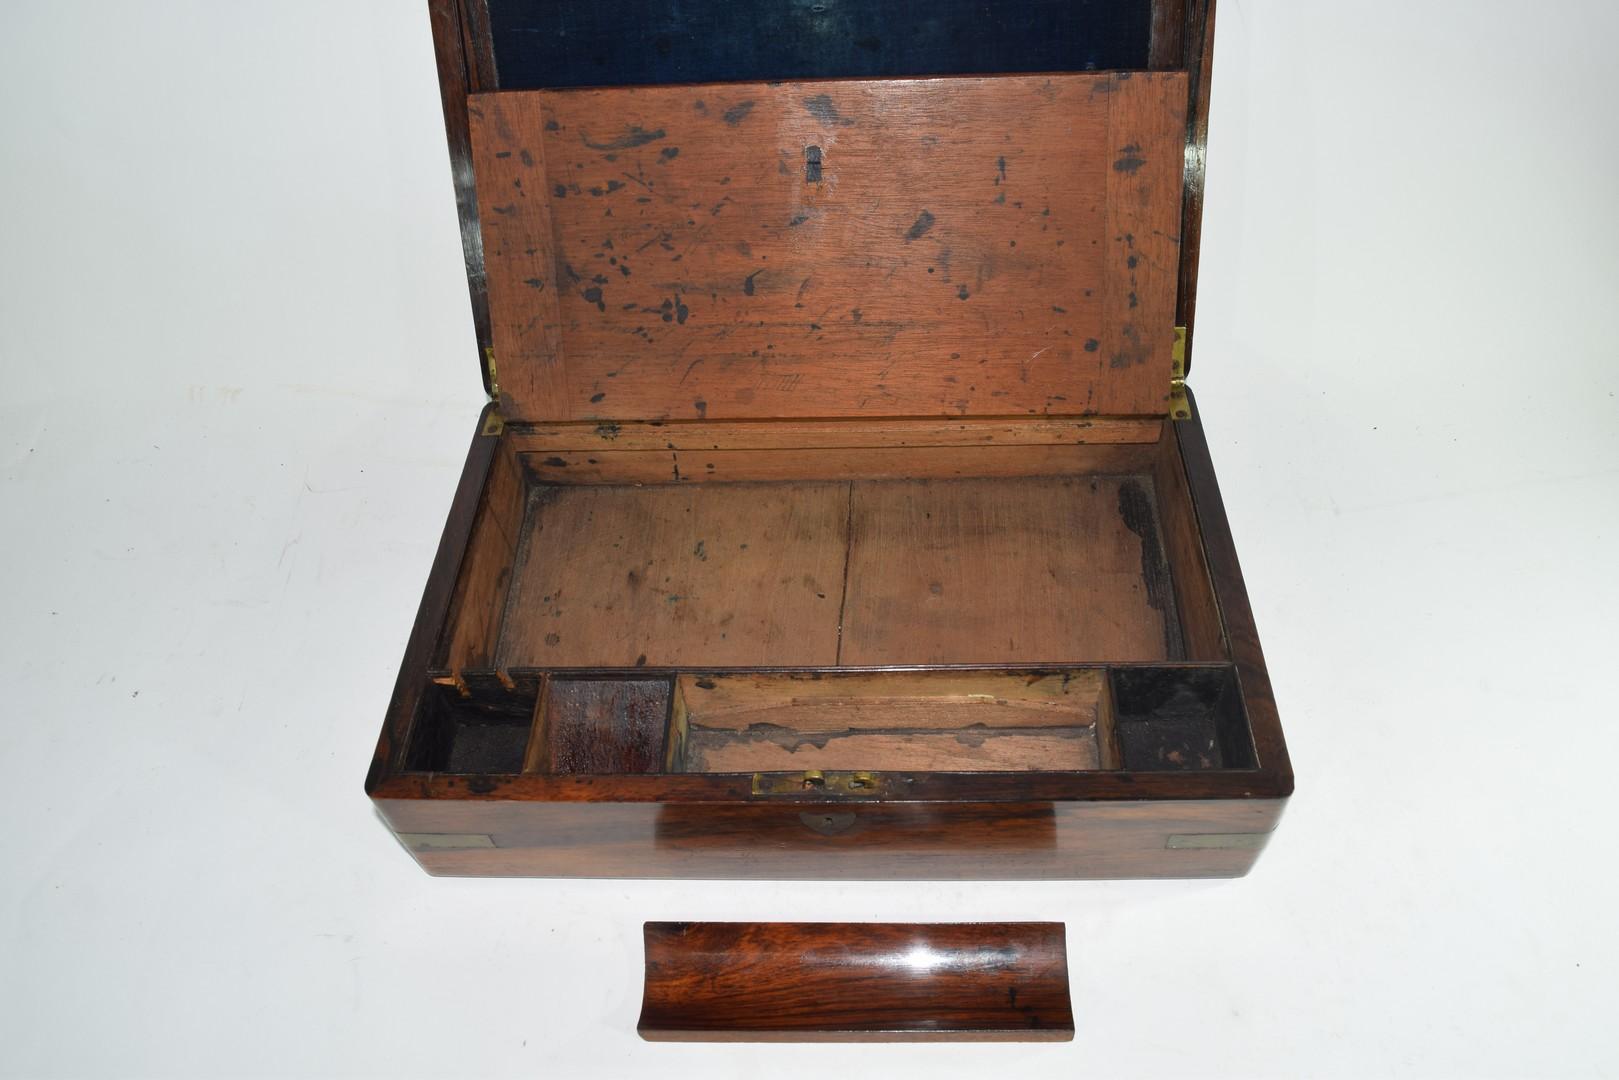 Late 19th century hardwood writing box - Image 6 of 6